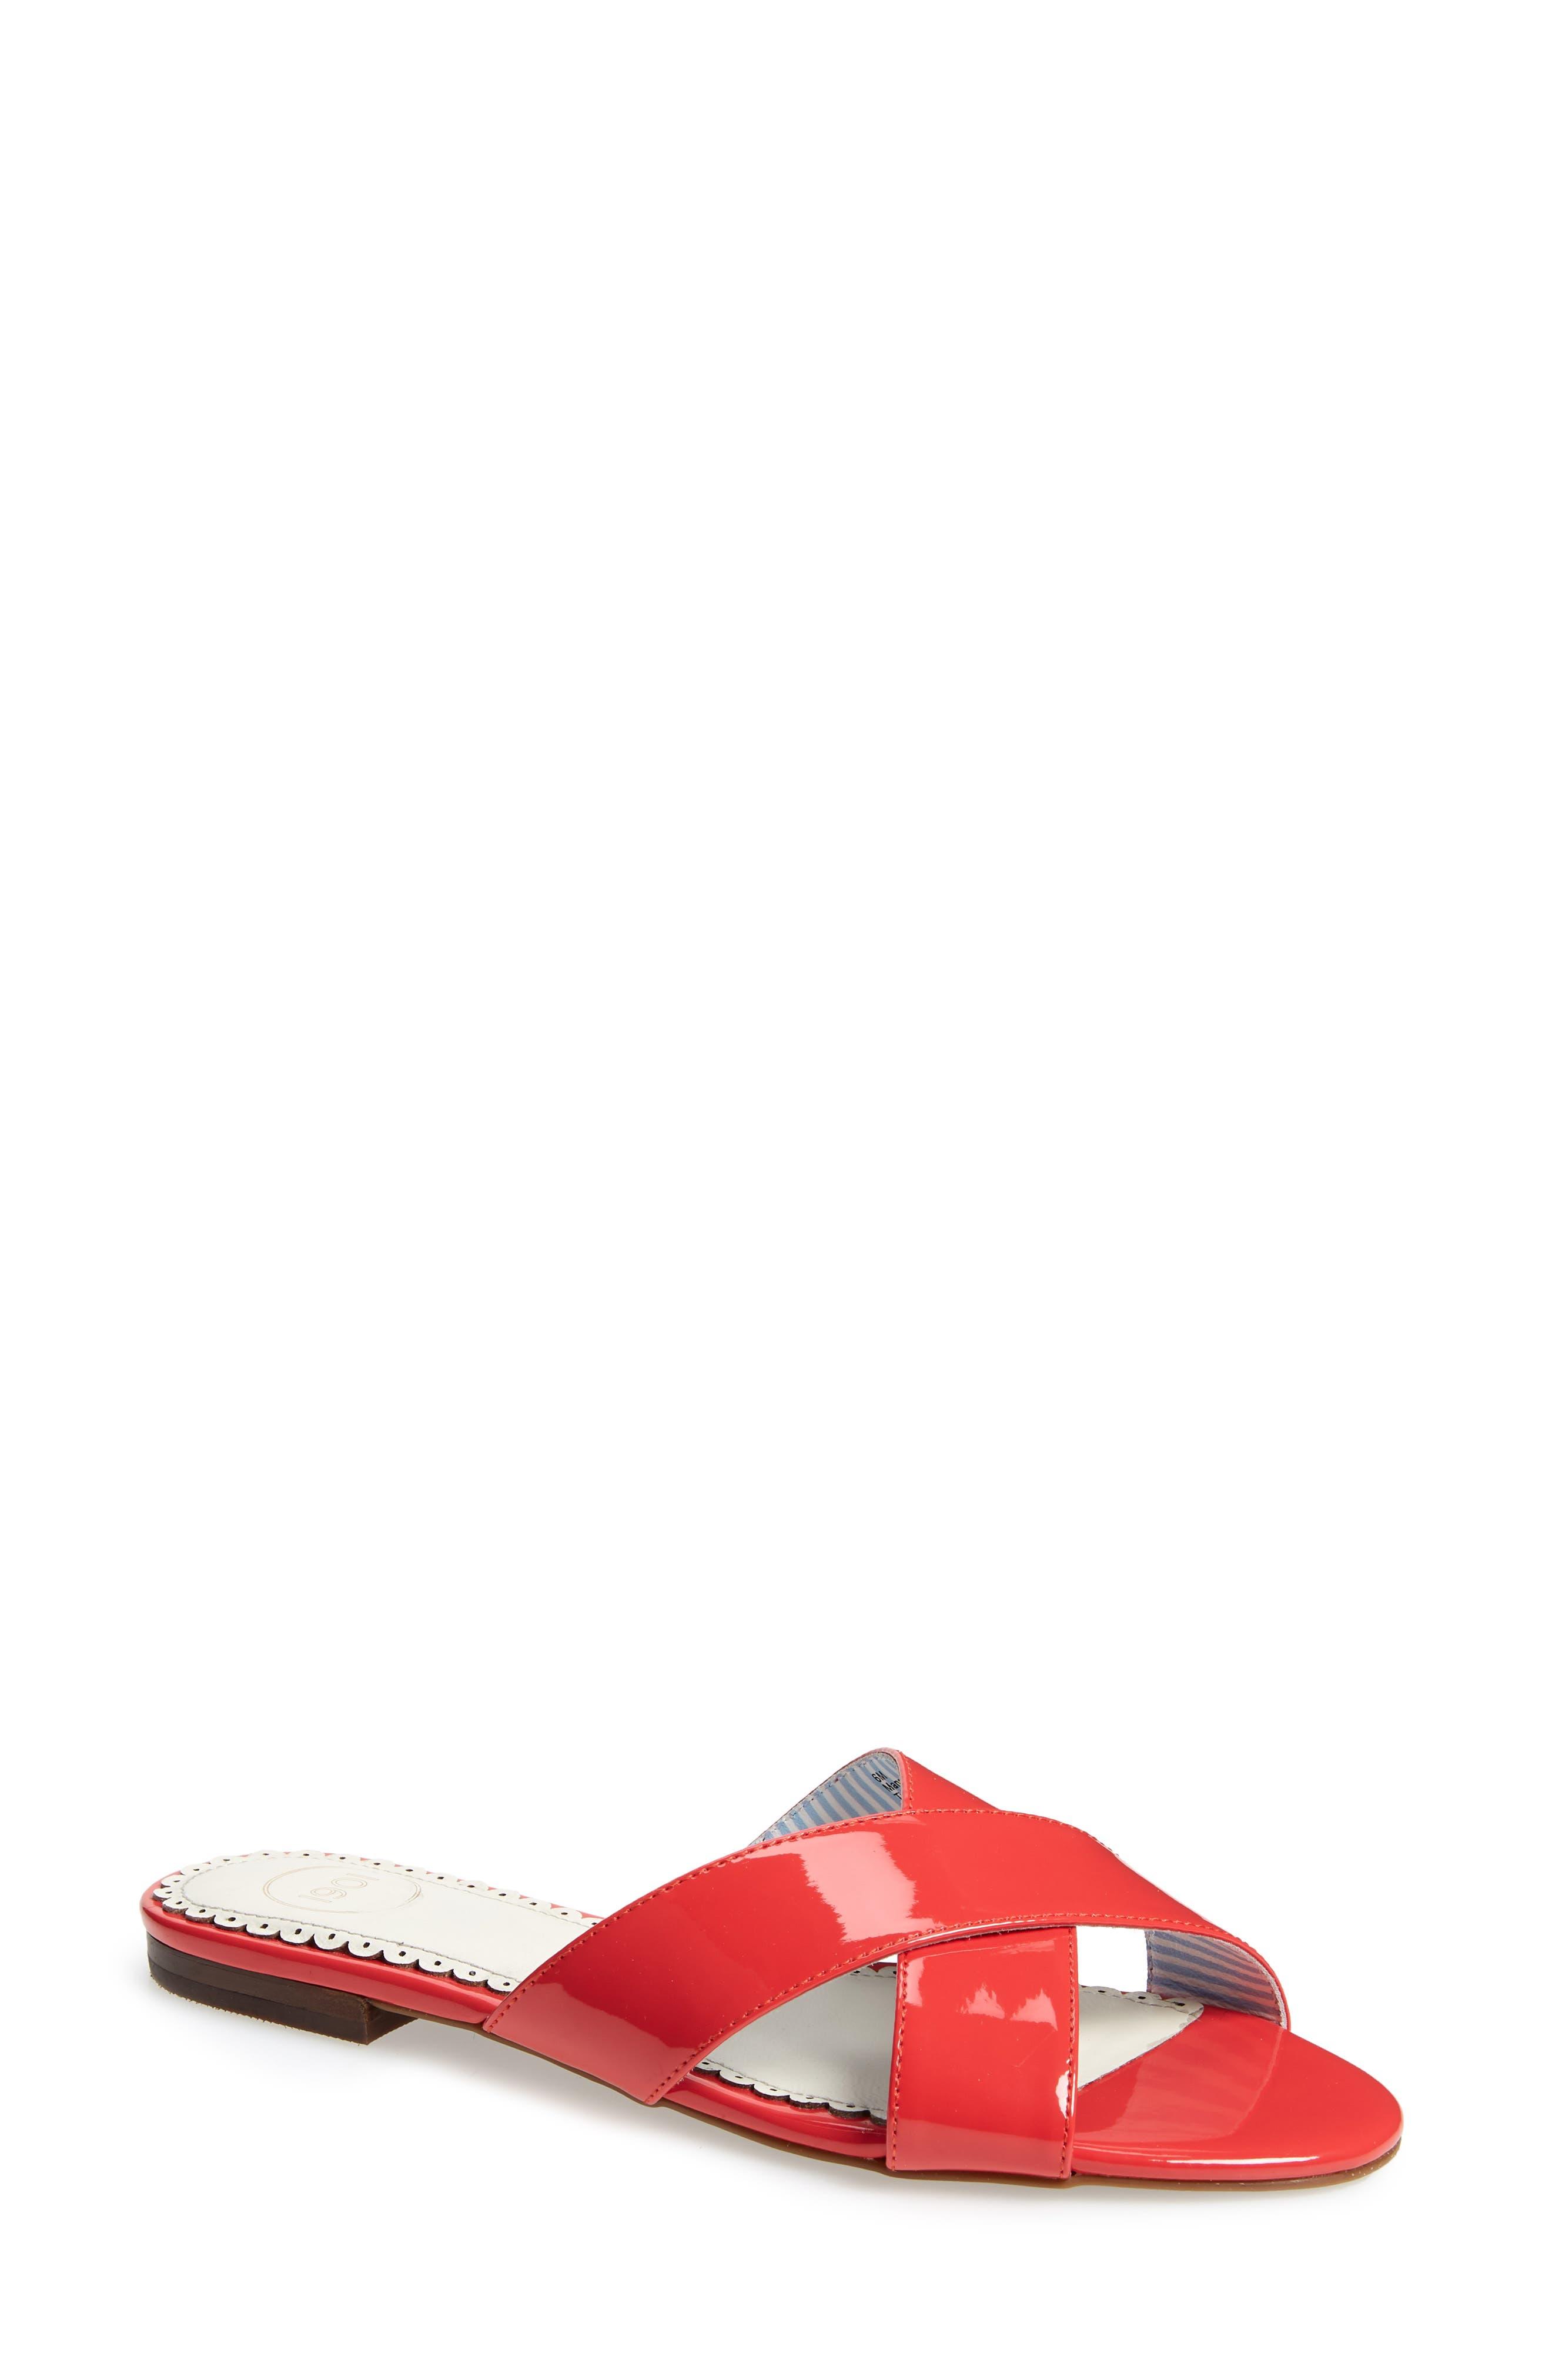 1901 Bryers Cross Band Slide Sandal, Red